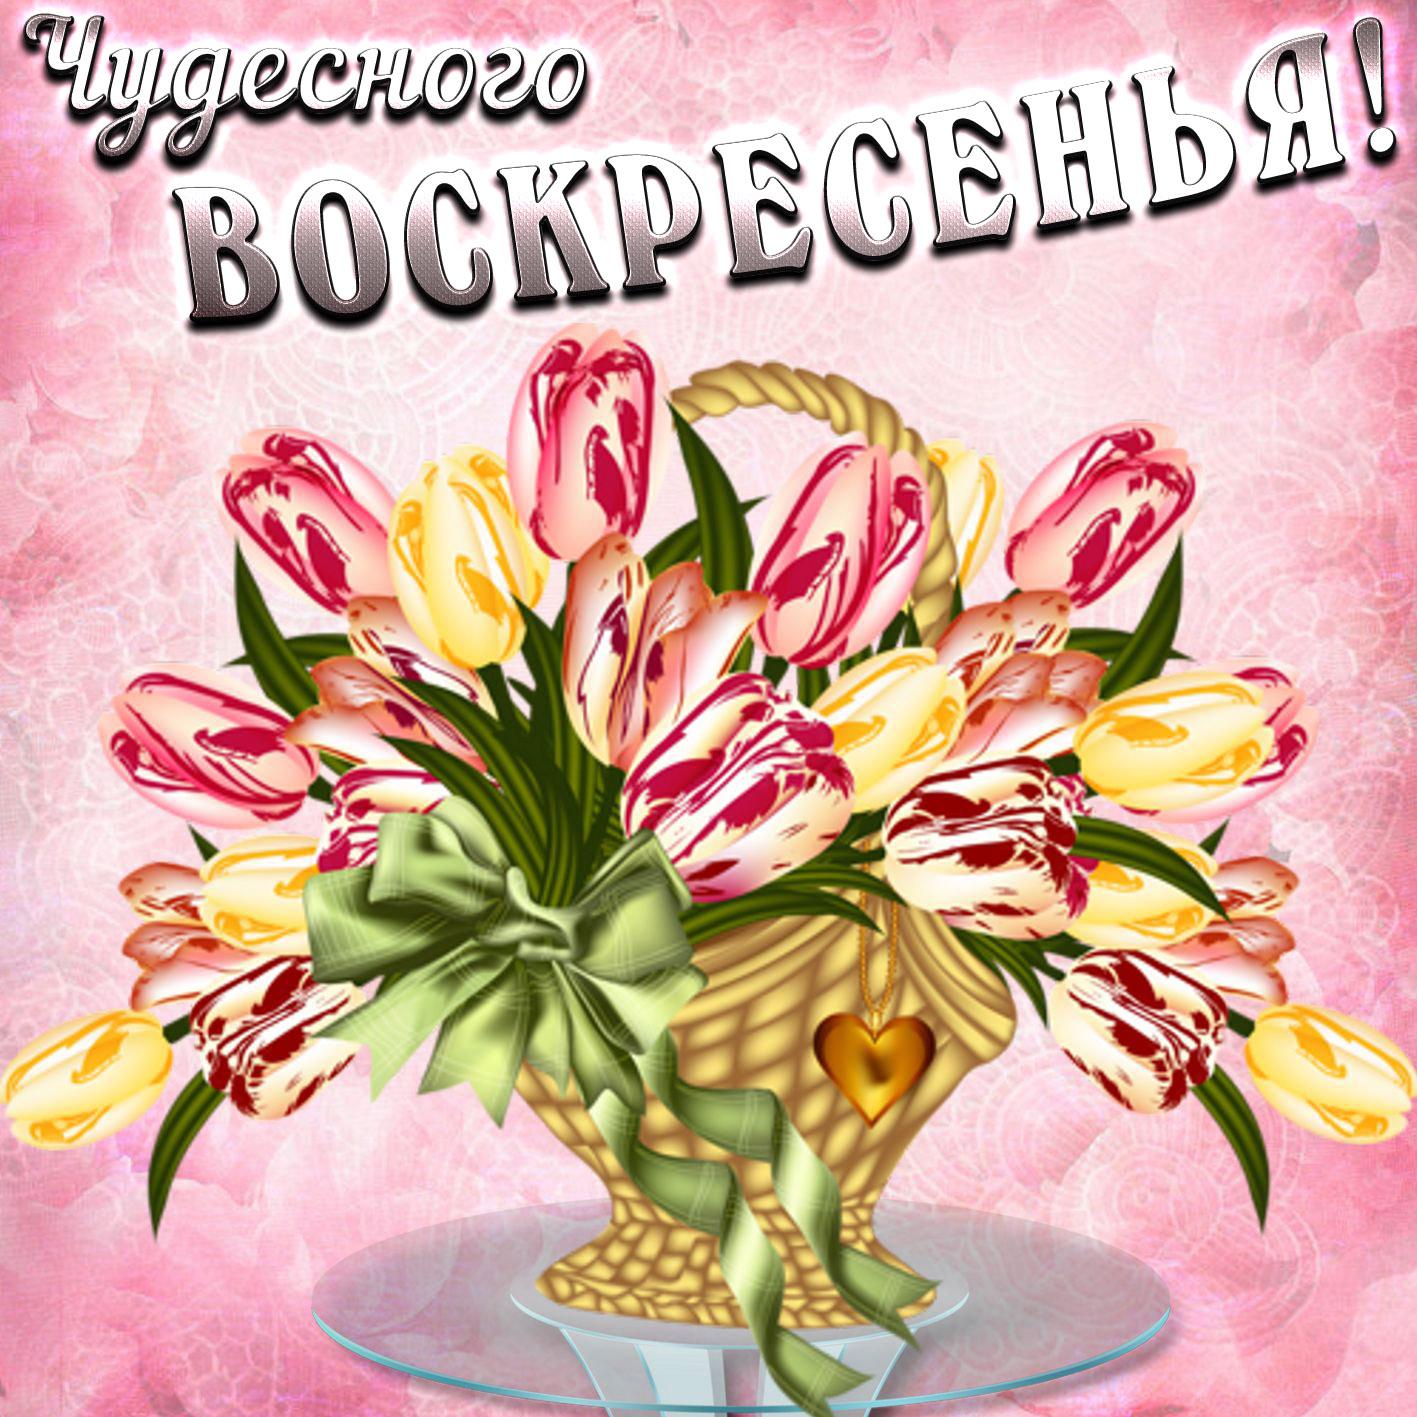 Открытка - букет тюльпанов для чудесного воскресенья